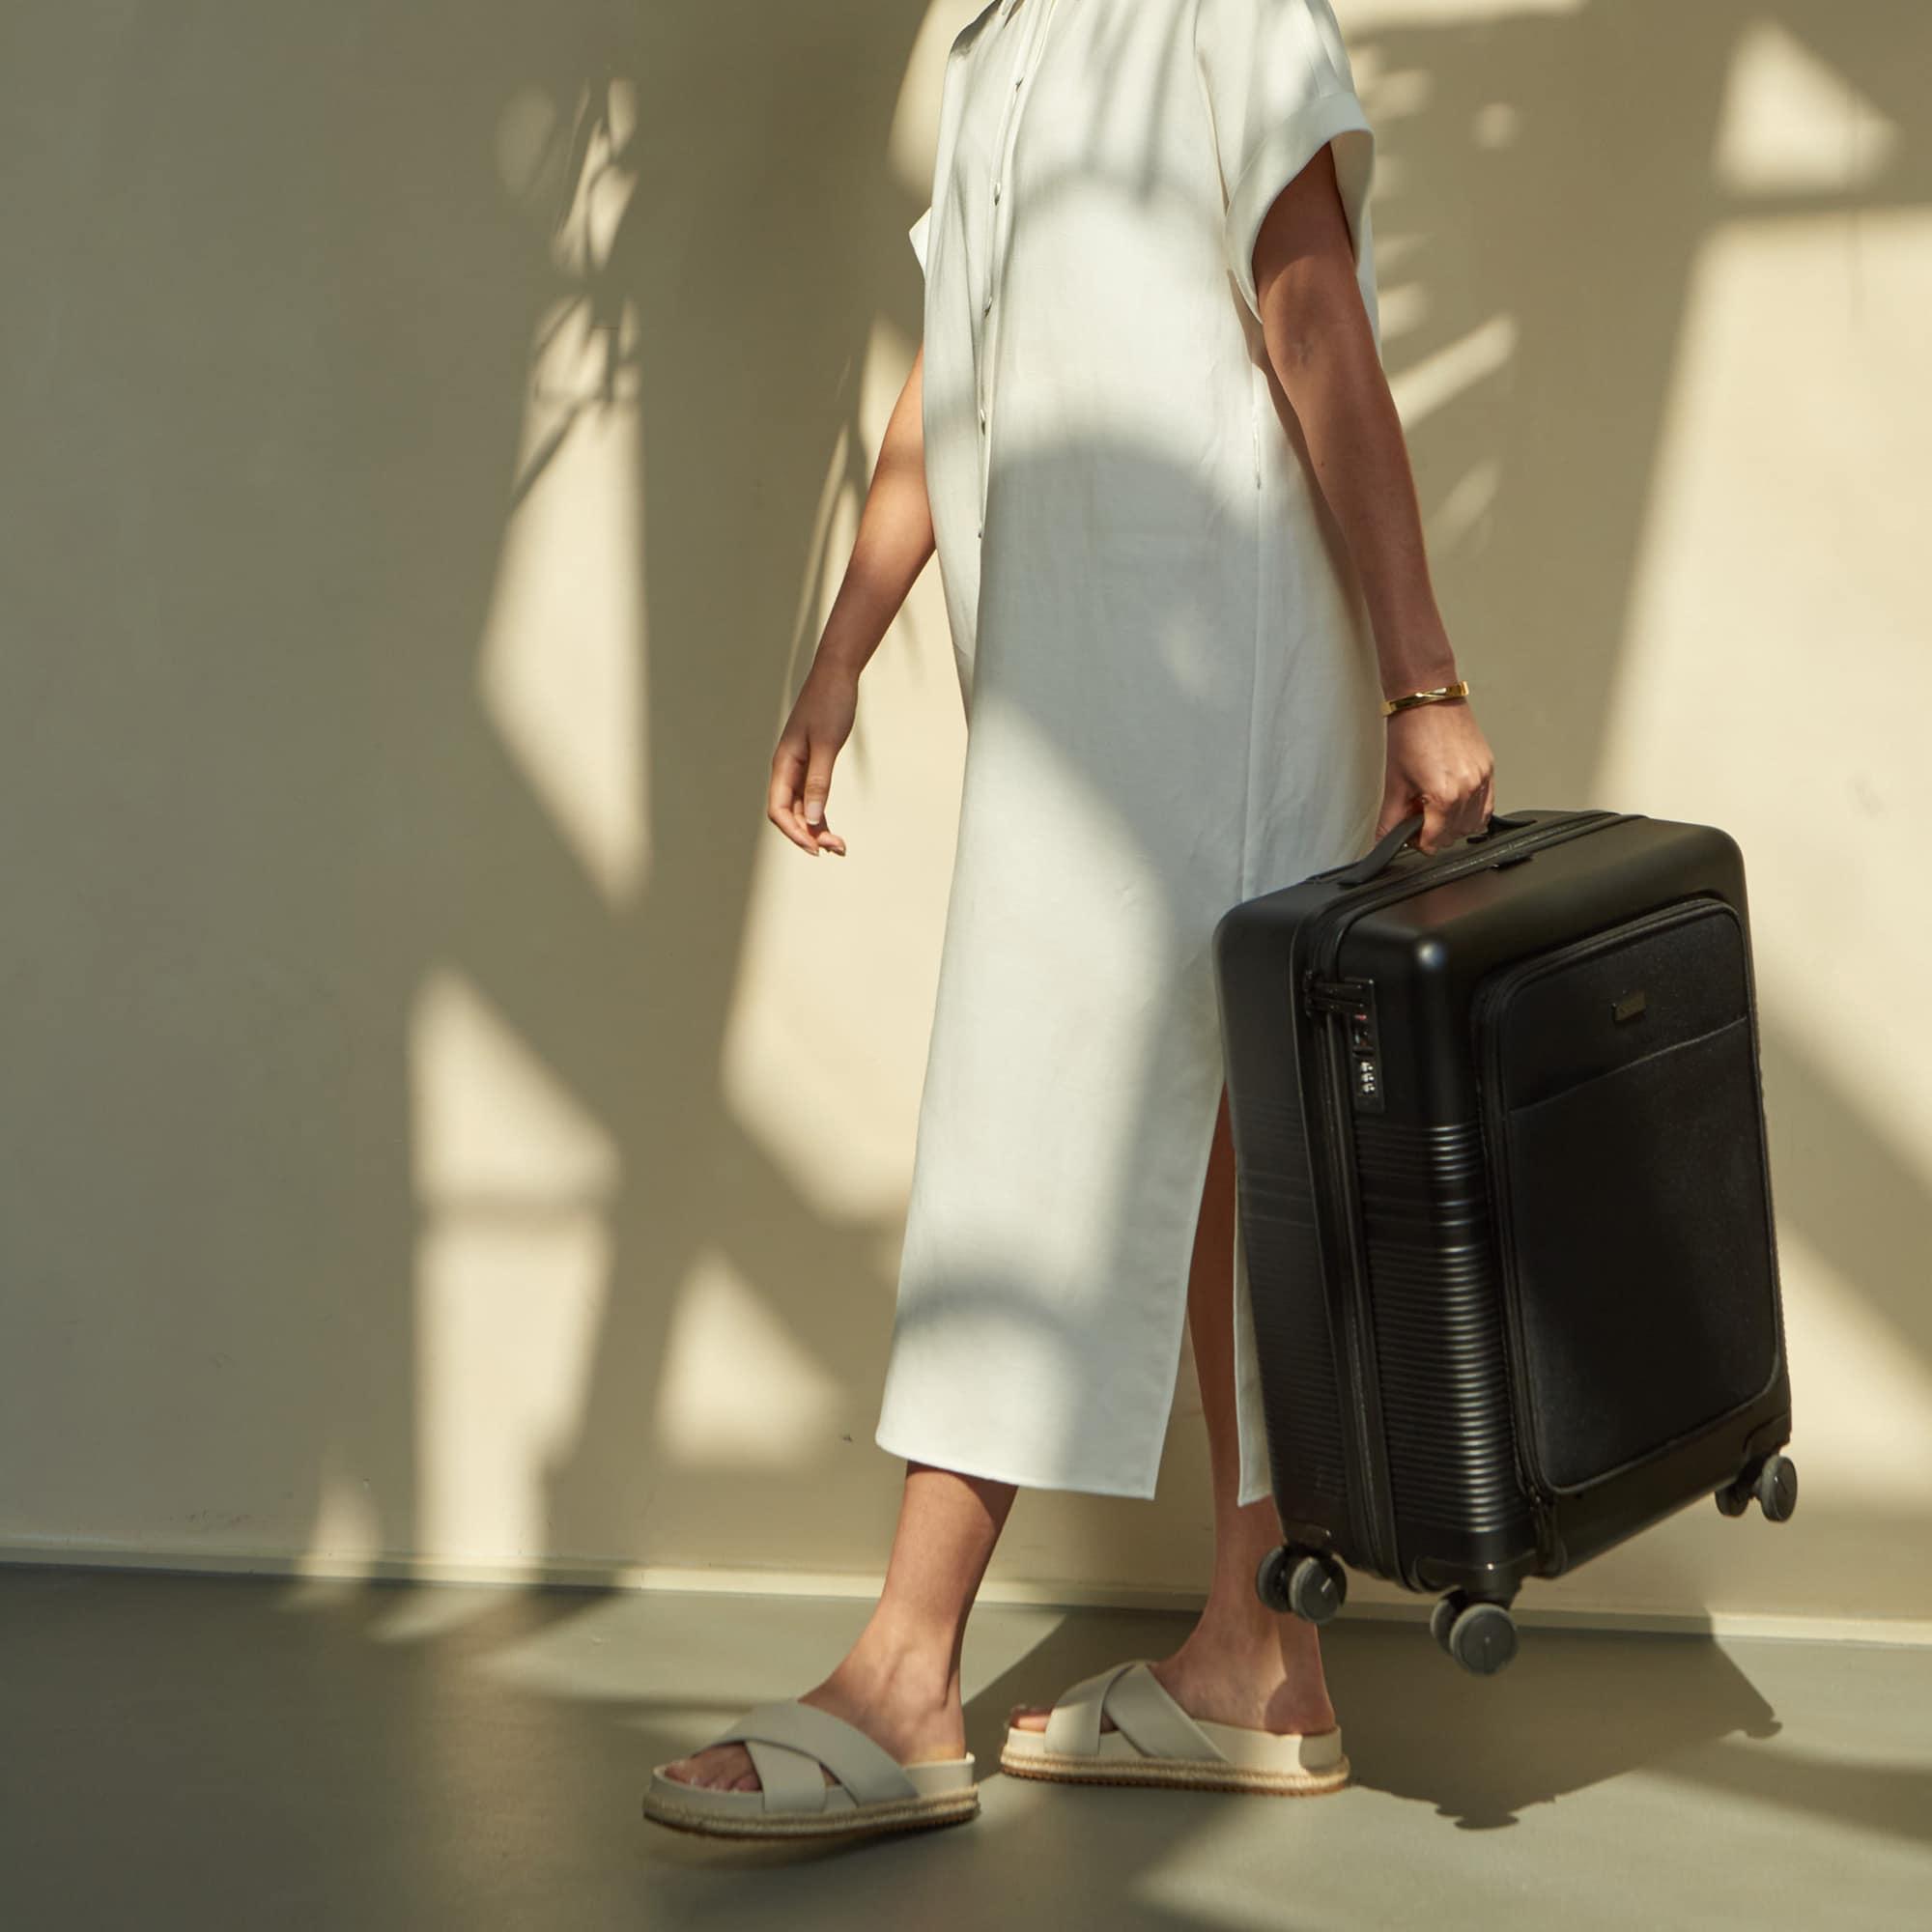 NORTVI front pocket koffer handbagage